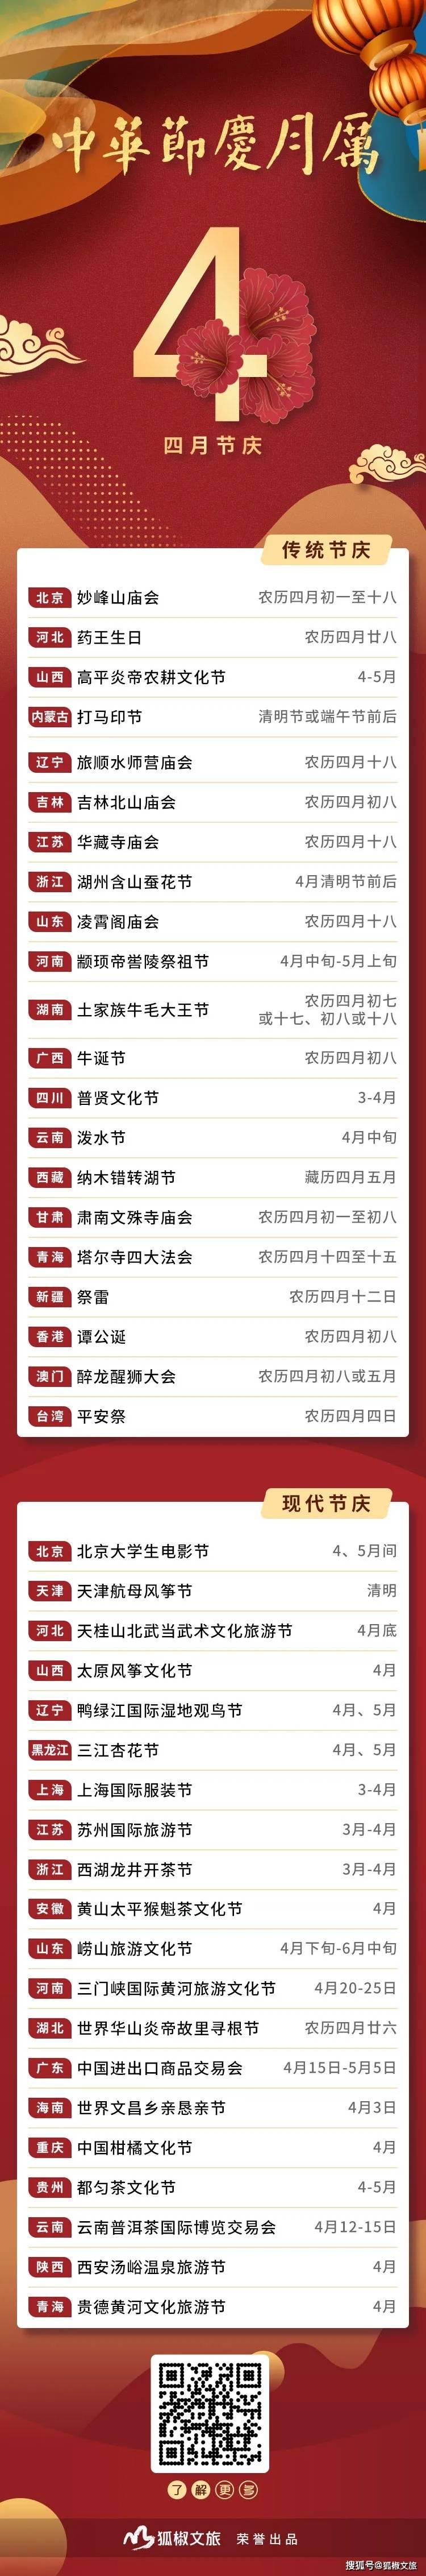 中华节庆月历 | 4月节庆:北京妙峰山庙会 黑龙江三江杏花节等你来!